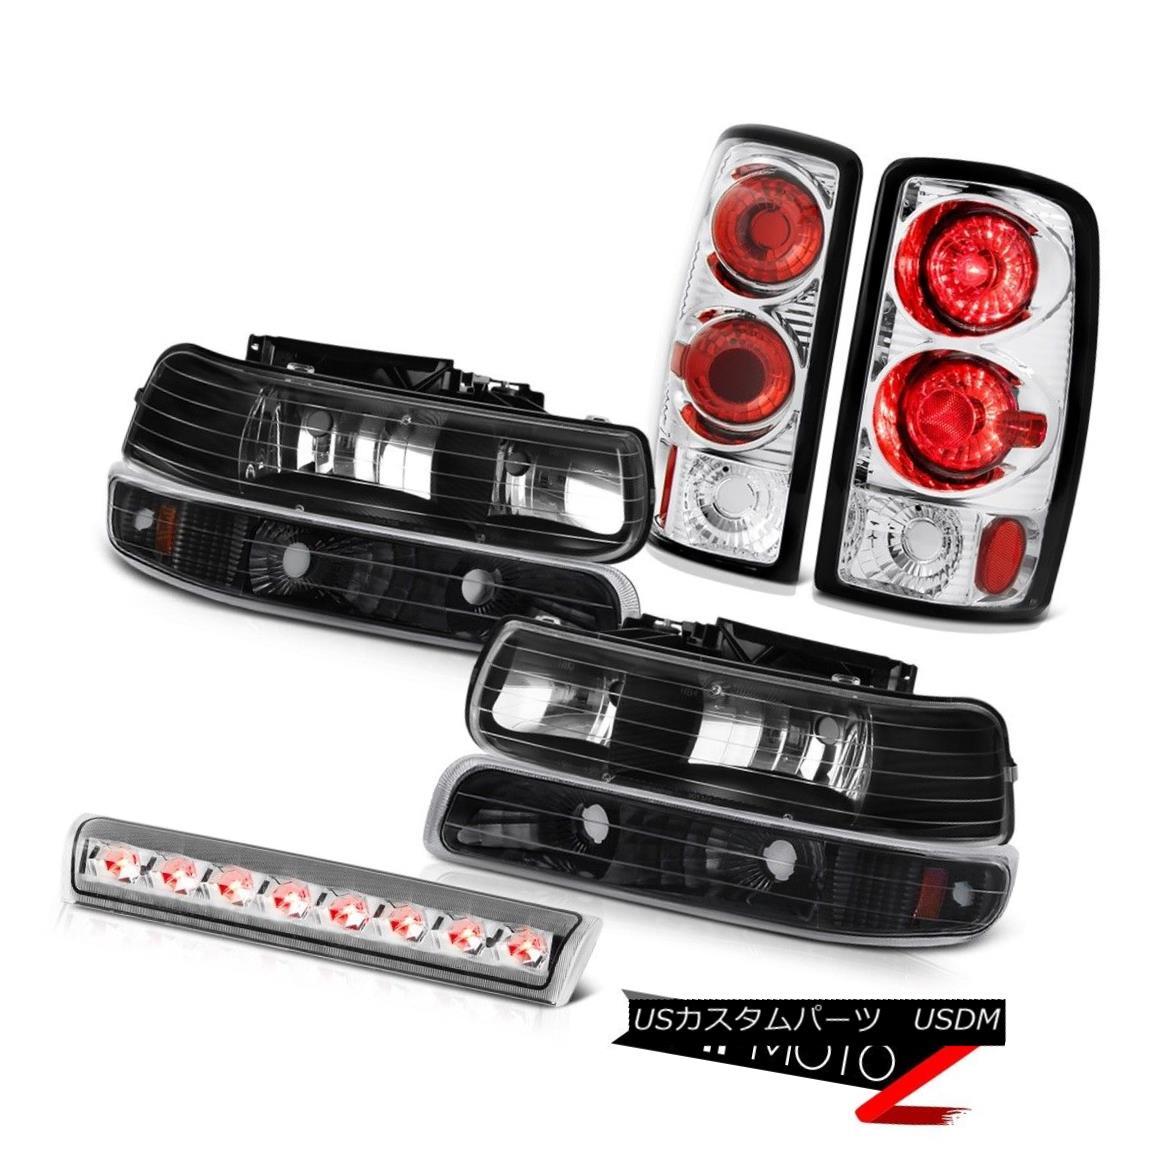 テールライト 2000-2006 Suburban 2500 Black Parking Headlights Clear Tail Lights Roof Stop LED 2000-2006郊外2500ブラックパーキングヘッドライトクリアテールライトルーフストップLED